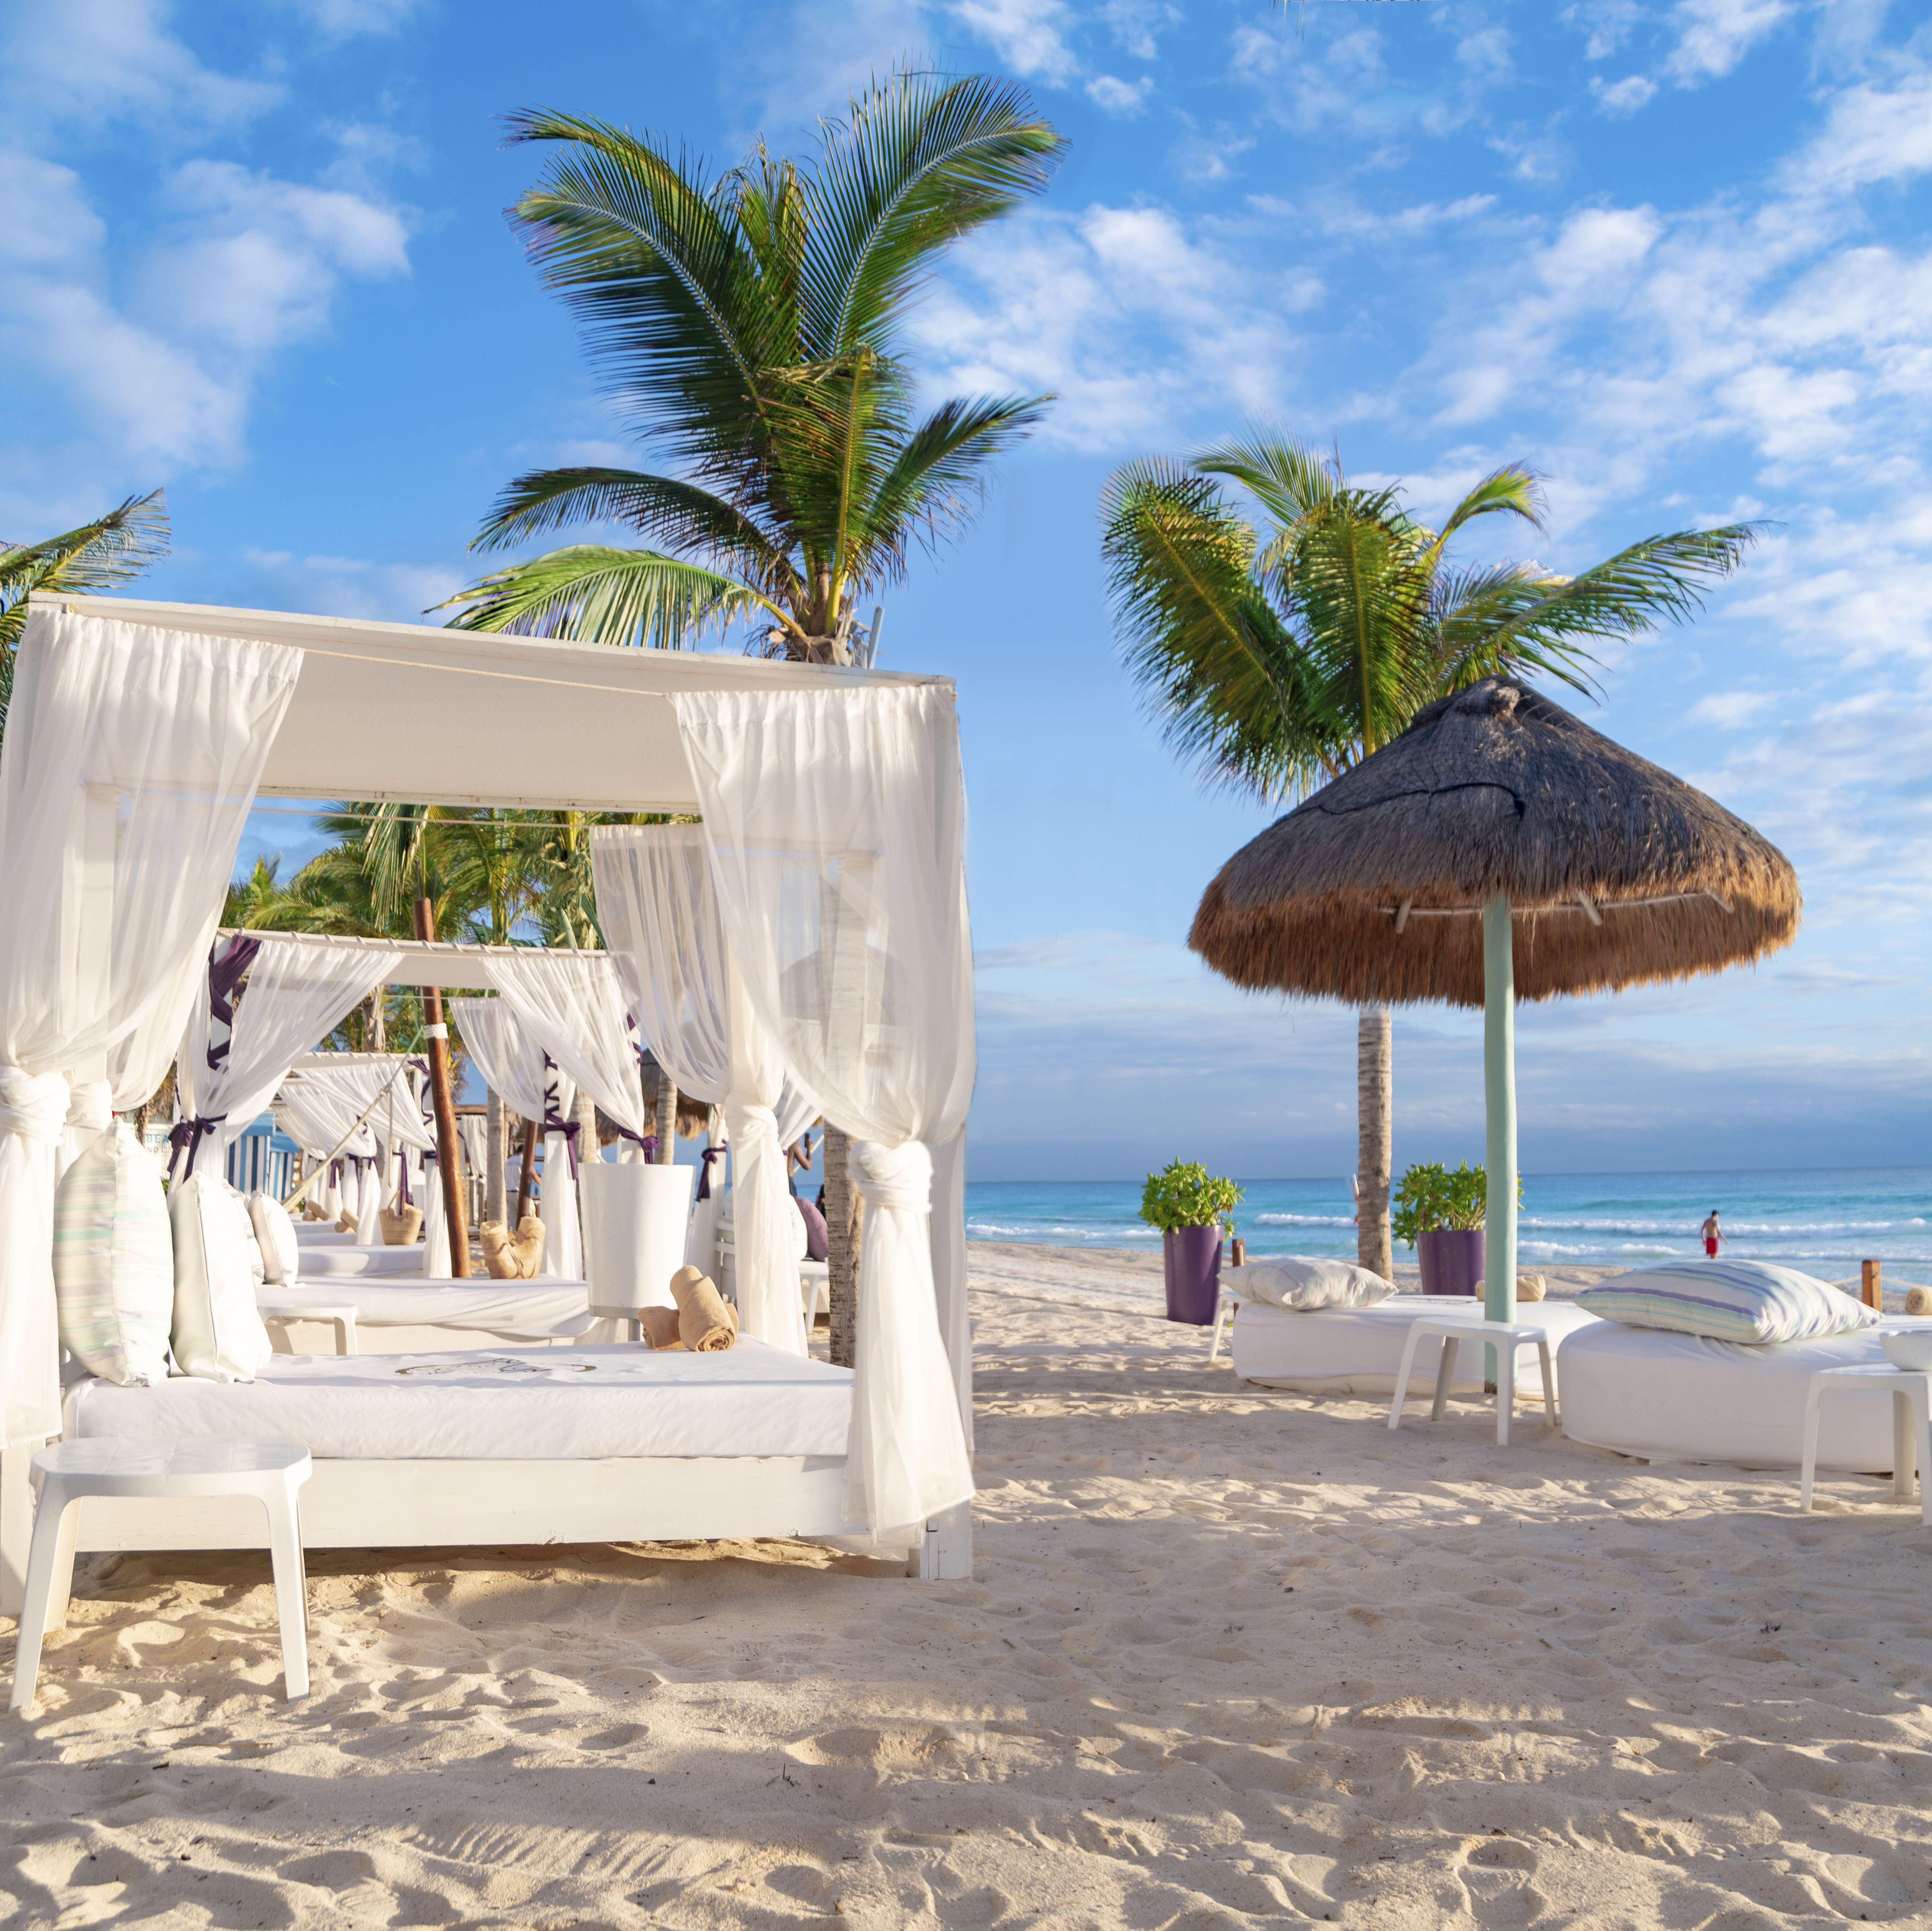 Nuestros Huéspedes Sian Ka An Pueden Disfrutar De Este Increíble Club De Playa Luxuryallinclusive Thesiankaanatgrandsens Club De Playa Hoteles Playa